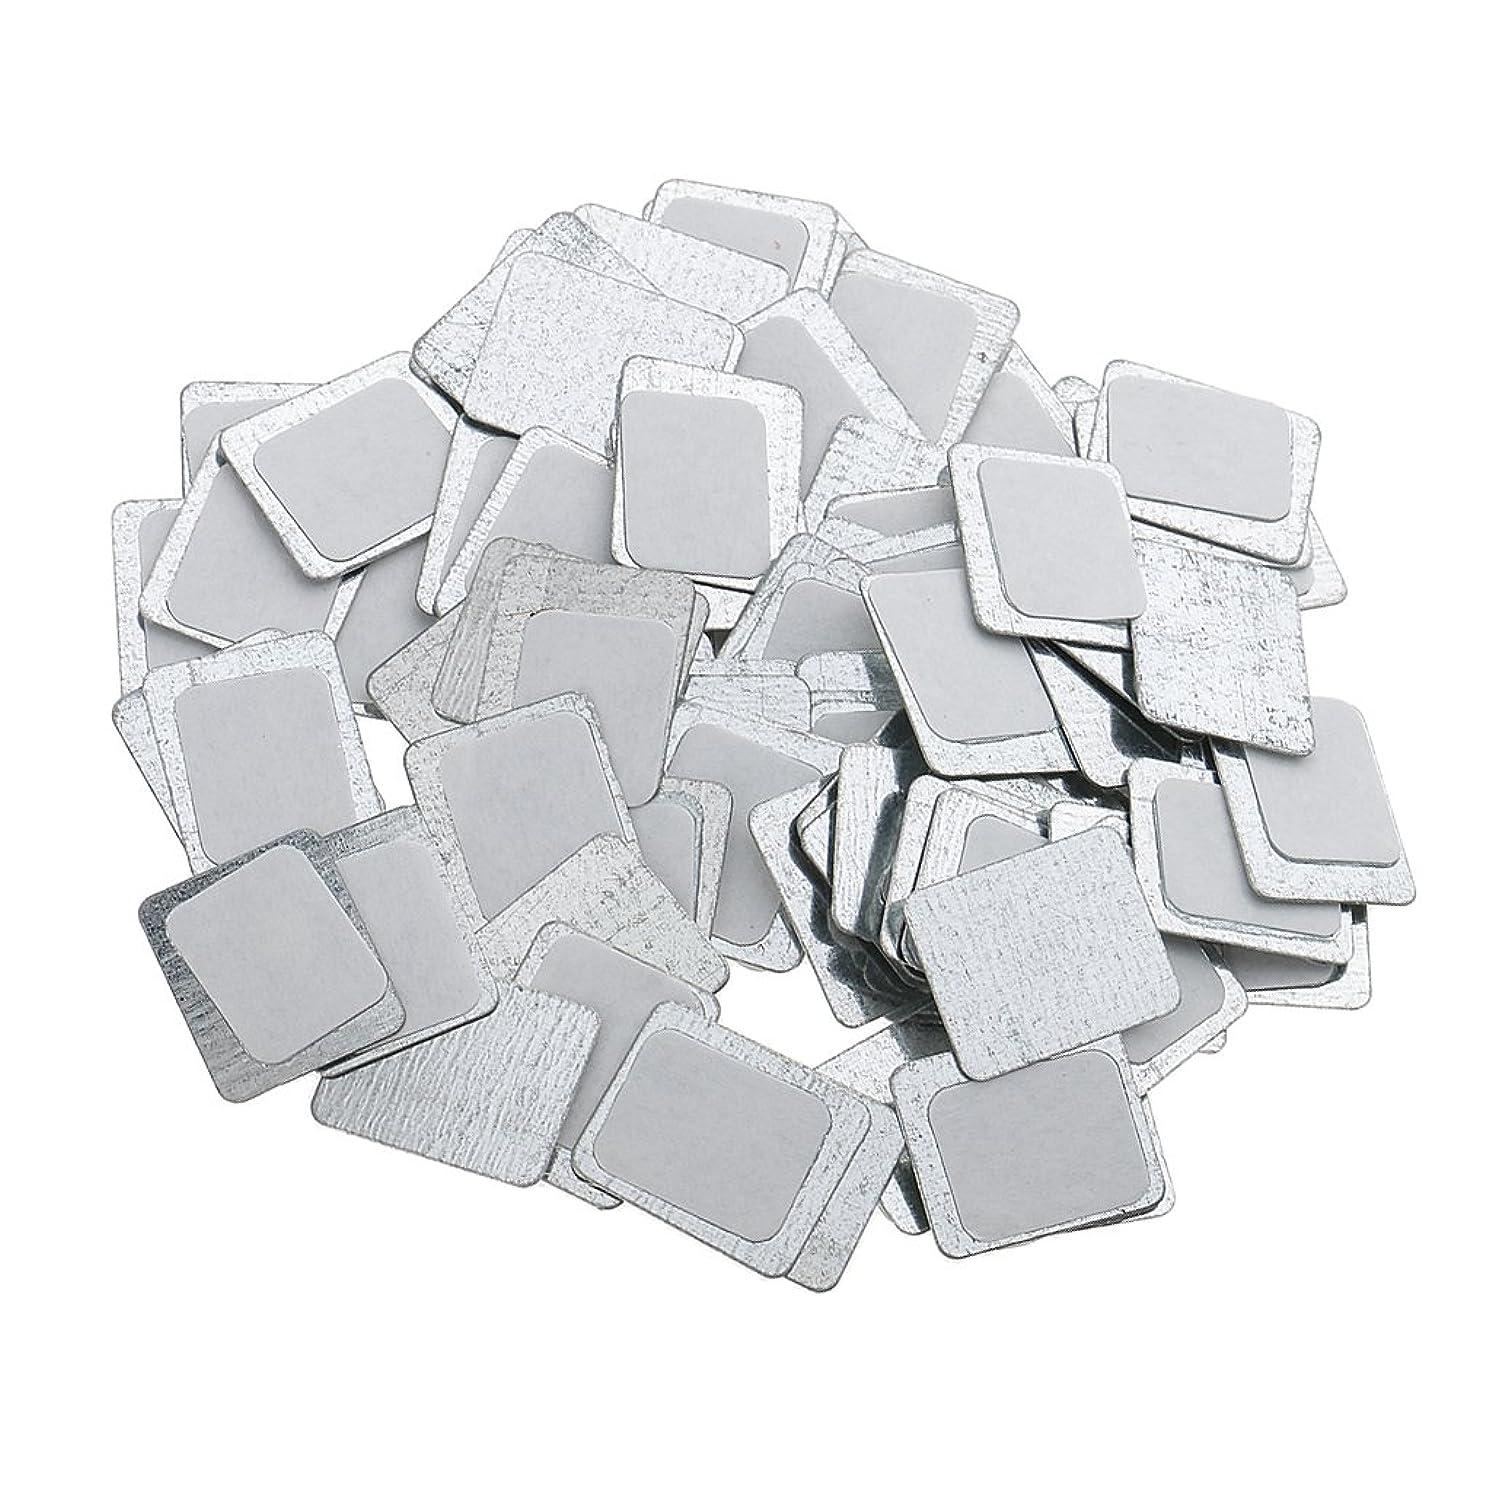 農村容量寮Kesoto 約100個 メイクアップパン 空パン アイシャドー ブラッシュ メイクアップ 磁気パレットボックスケース 2タイプ選べ - スクエア